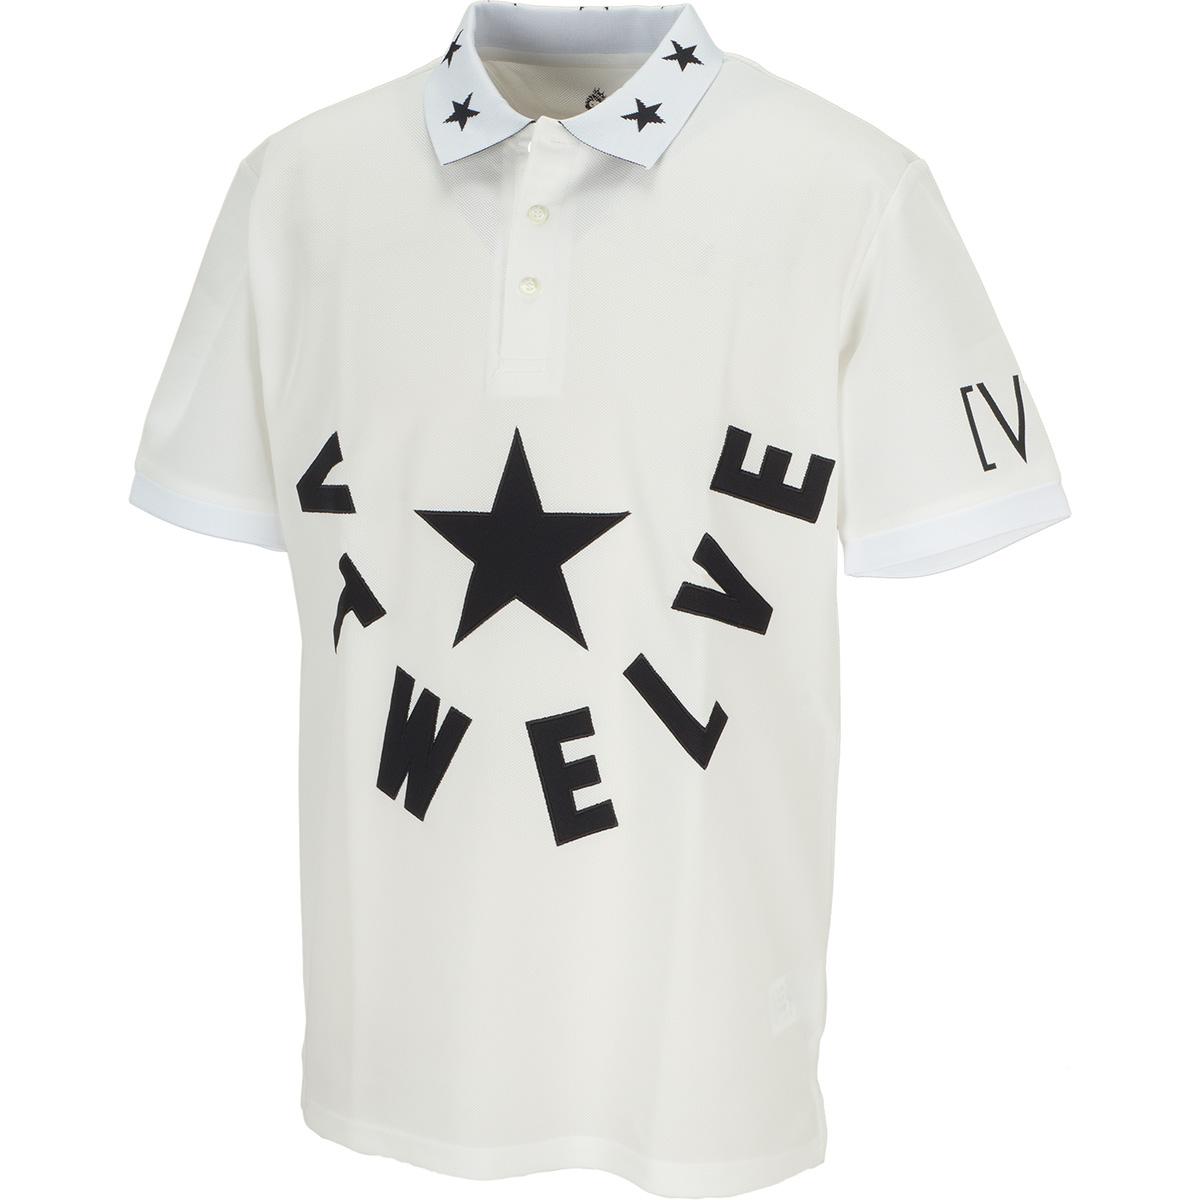 アーチロゴ 半袖ポロシャツ